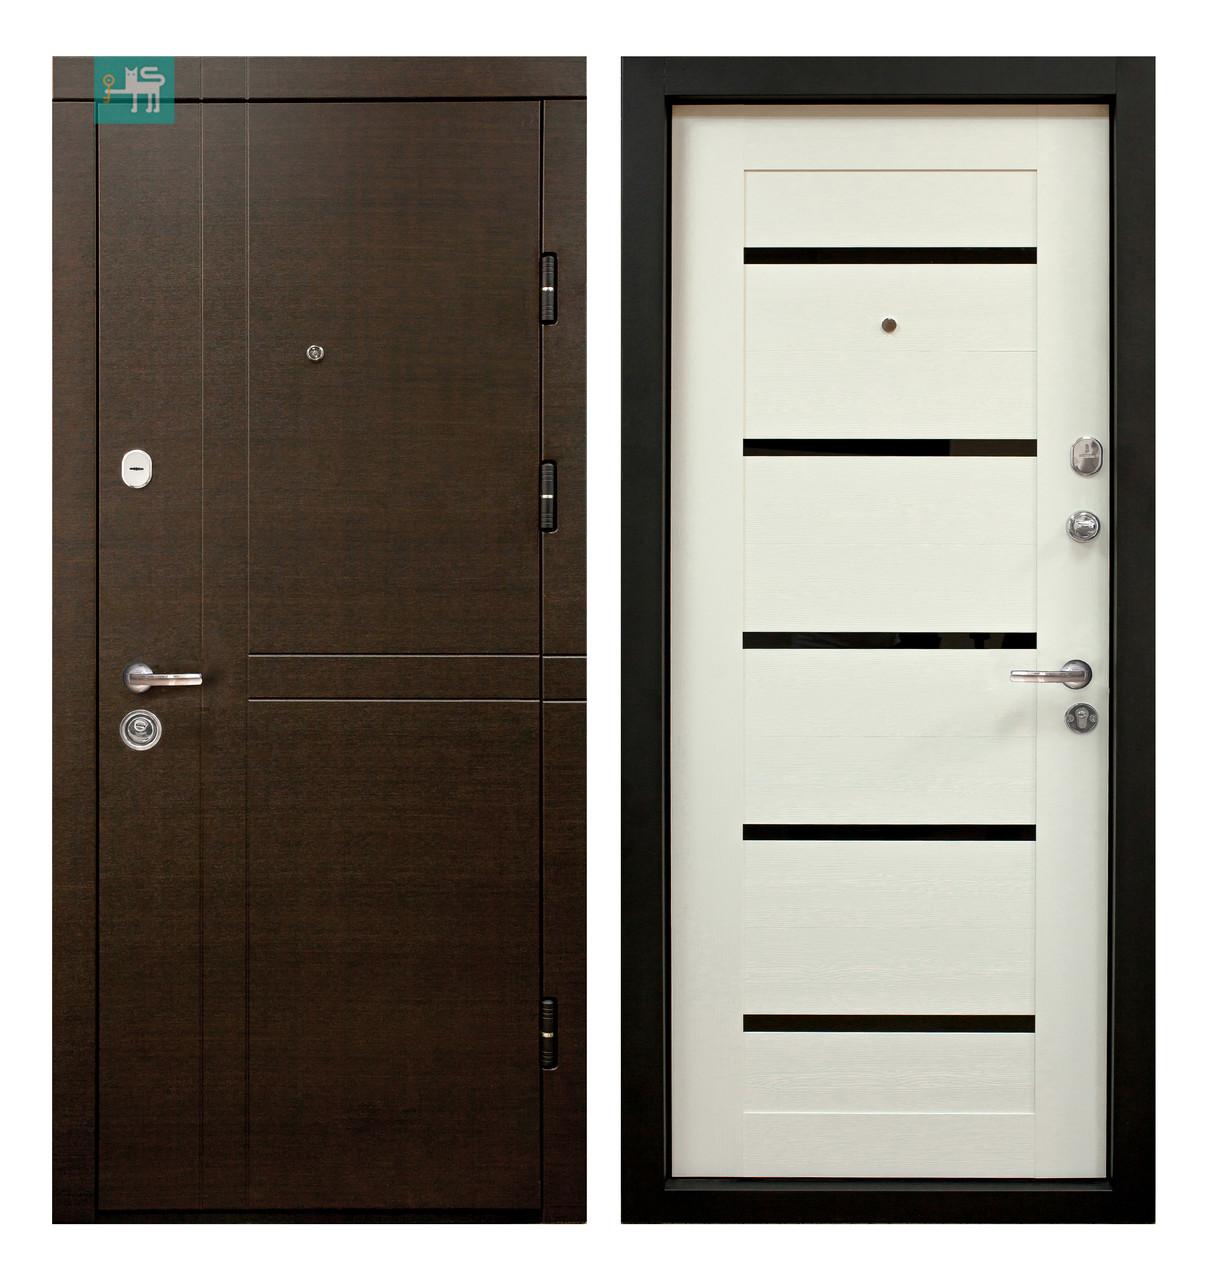 Двері вхідні МДФ/МДФ 86 права (ПК-180/16) венге горизонт темн./царга біла